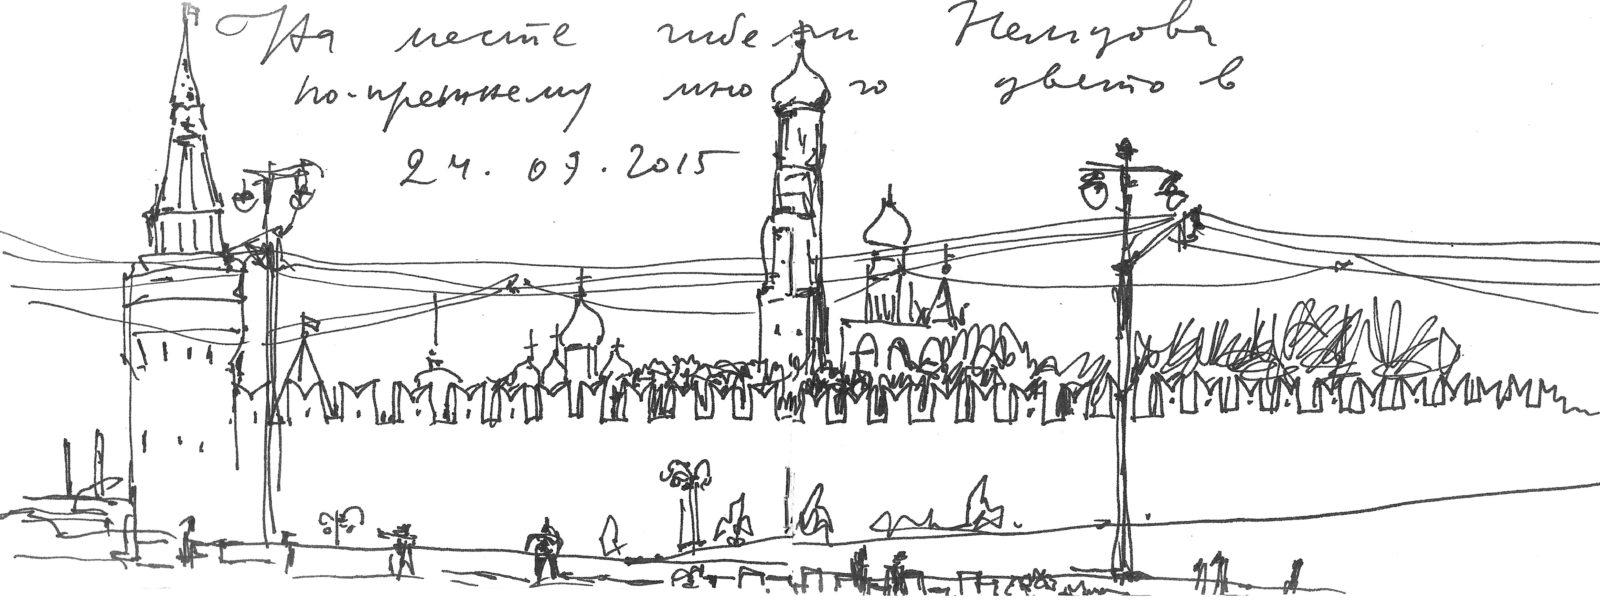 Блог Кати Осиной. Рисунки из путешествий. Московские улочки